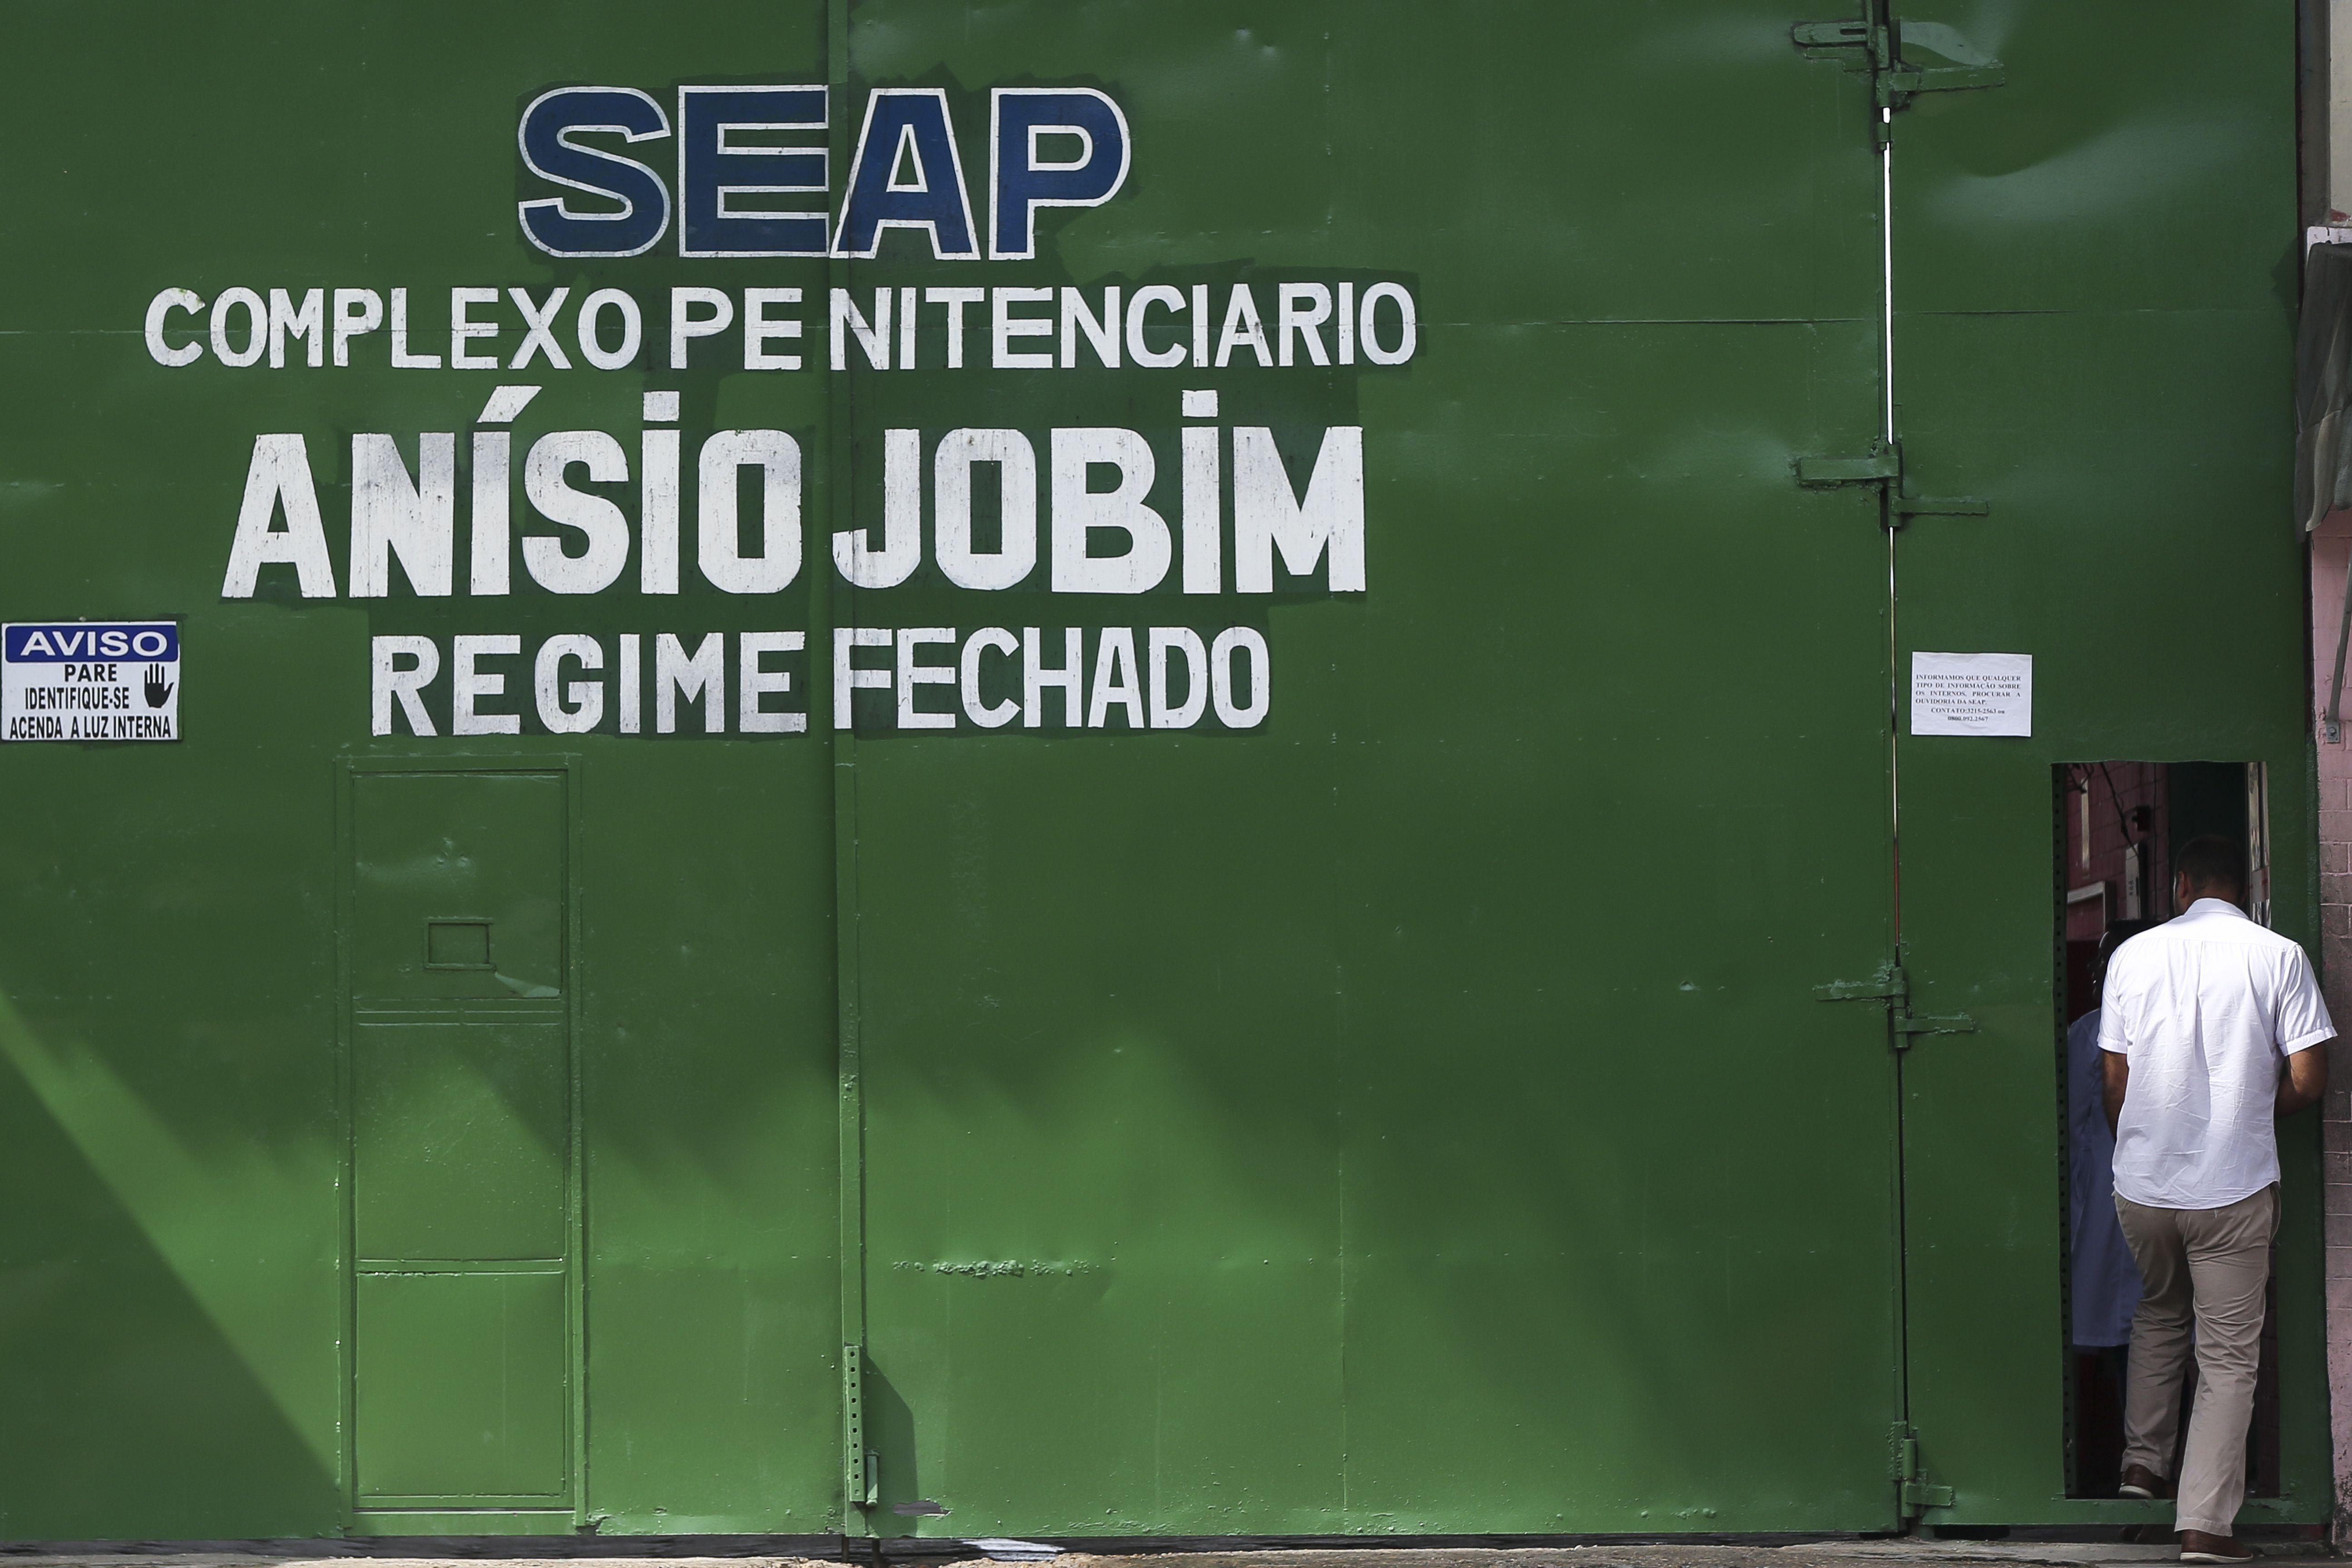 Segurança - presídio - penitenciárias cadeias Anísio Jobim Manaus prisão rebelião crise carcerária penitenciária familiares